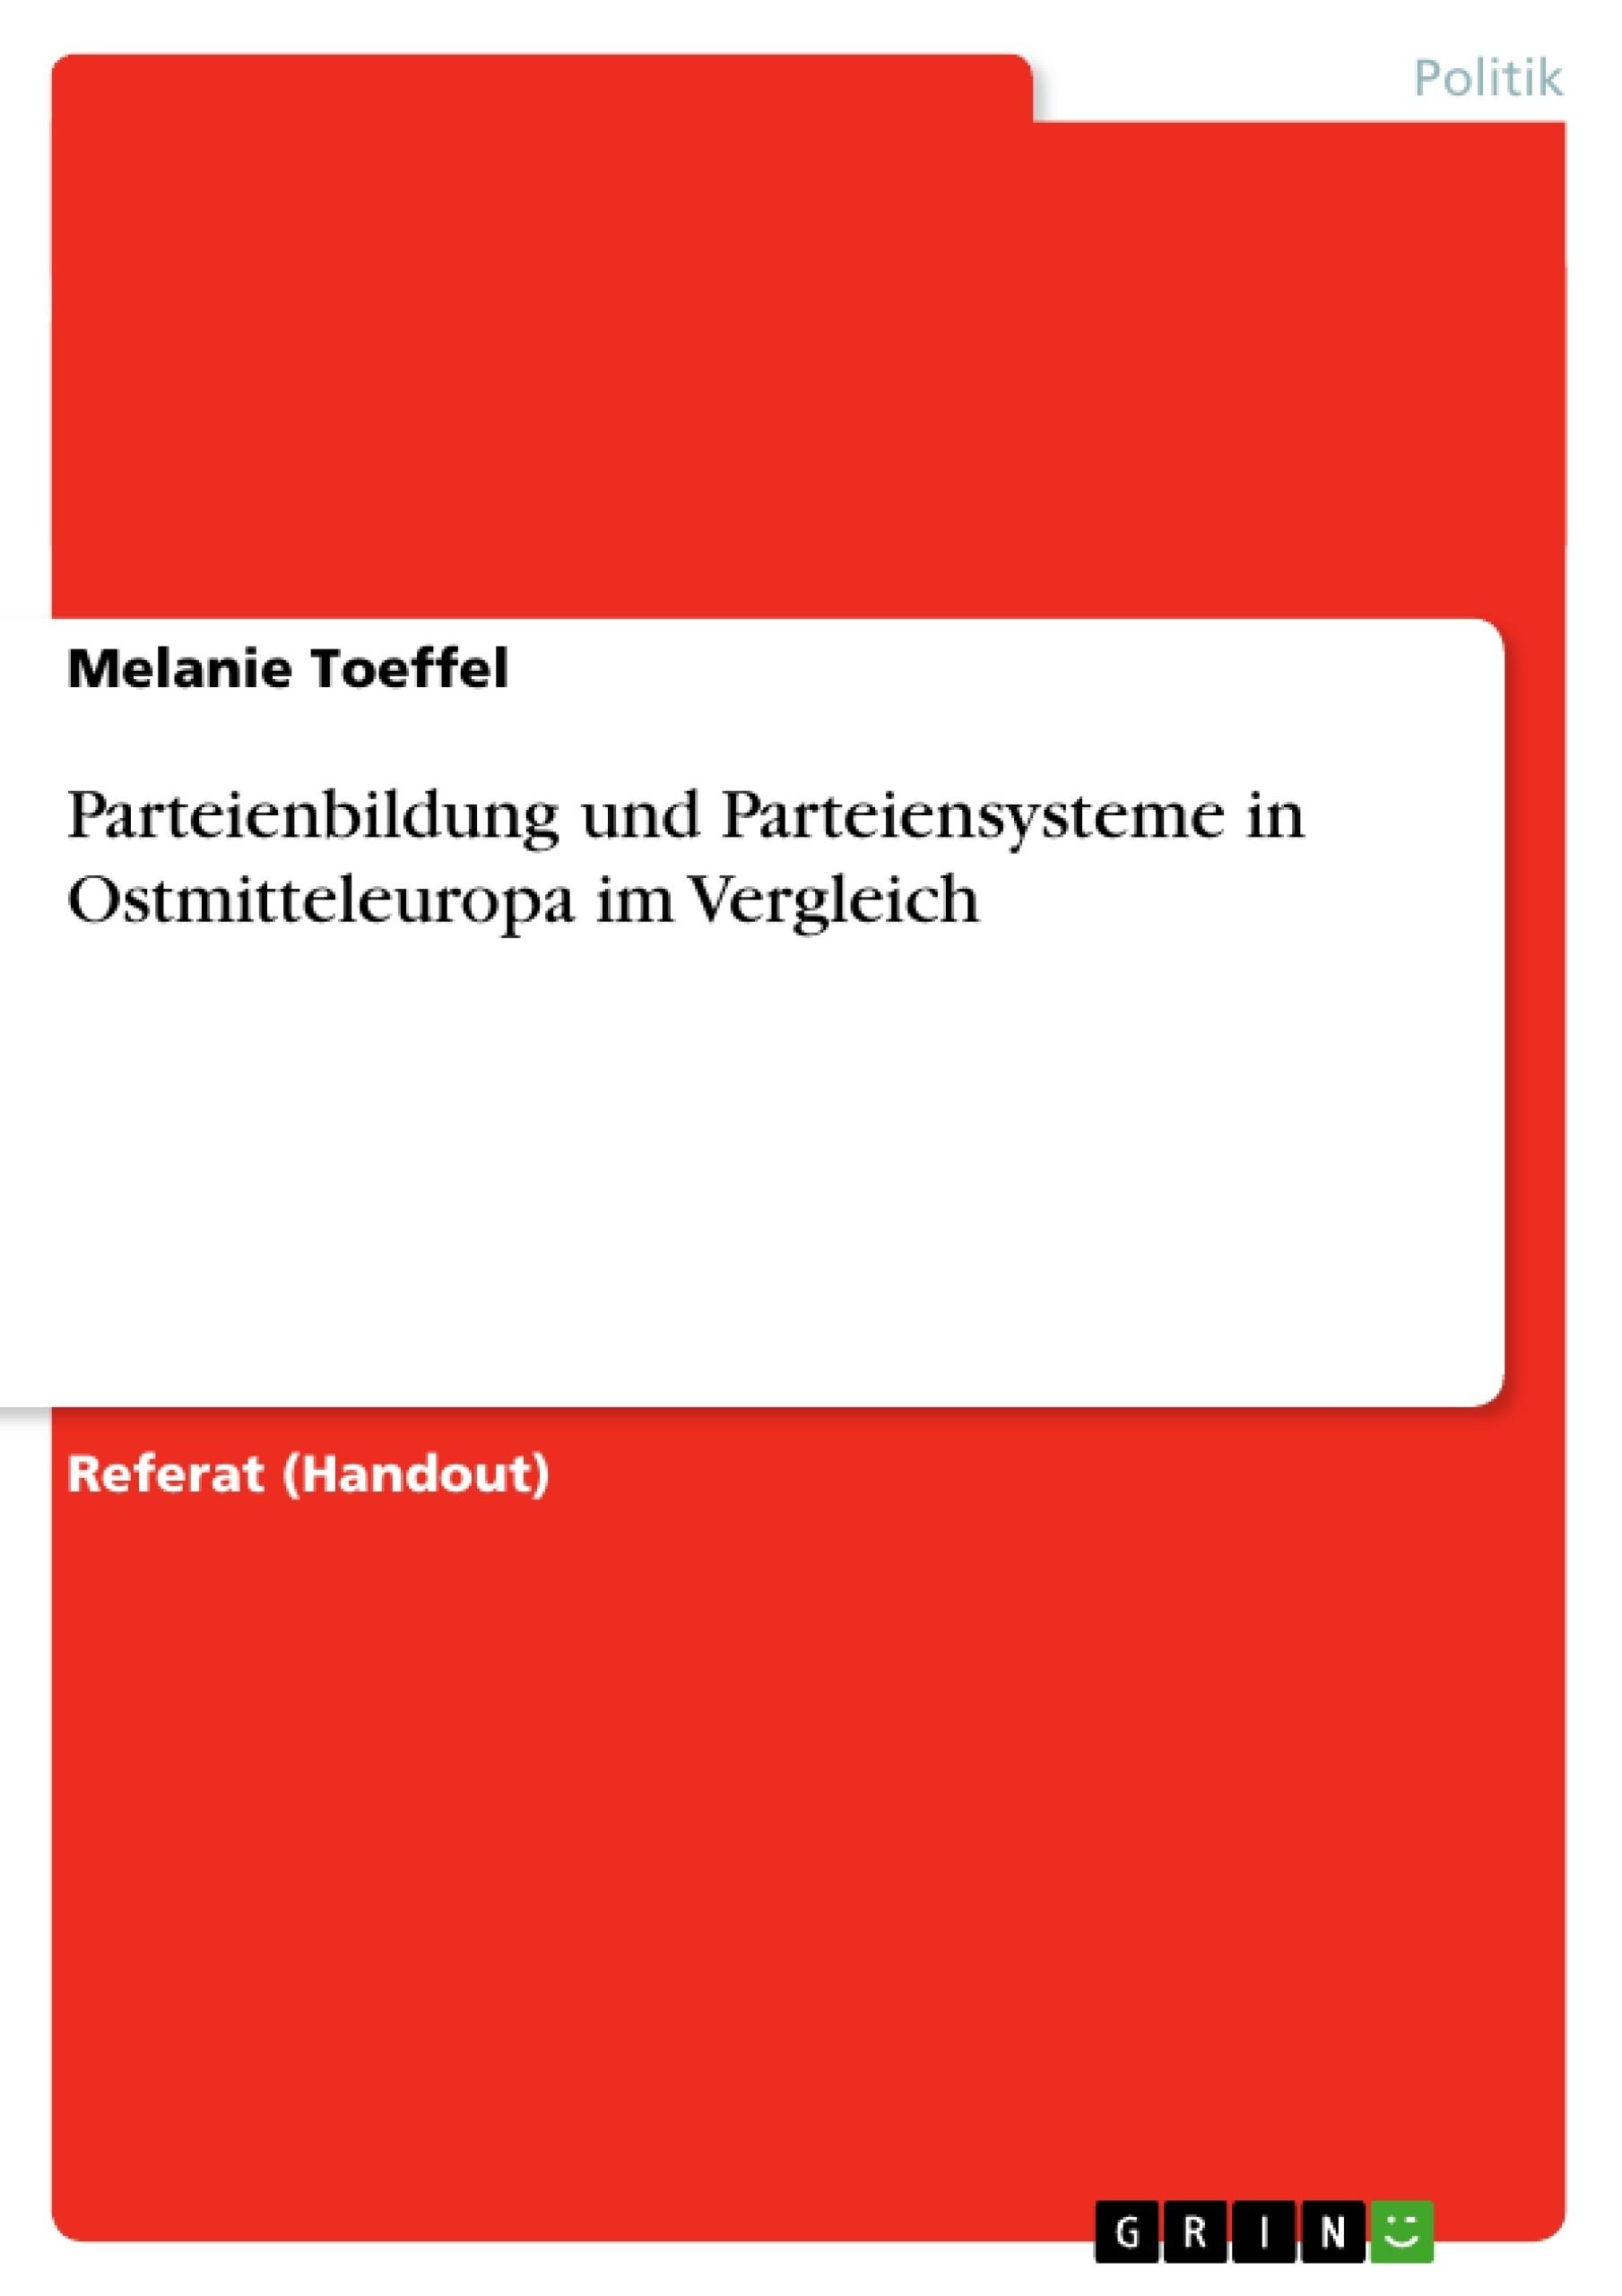 Titel: Parteienbildung und Parteiensysteme in Ostmitteleuropa im Vergleich